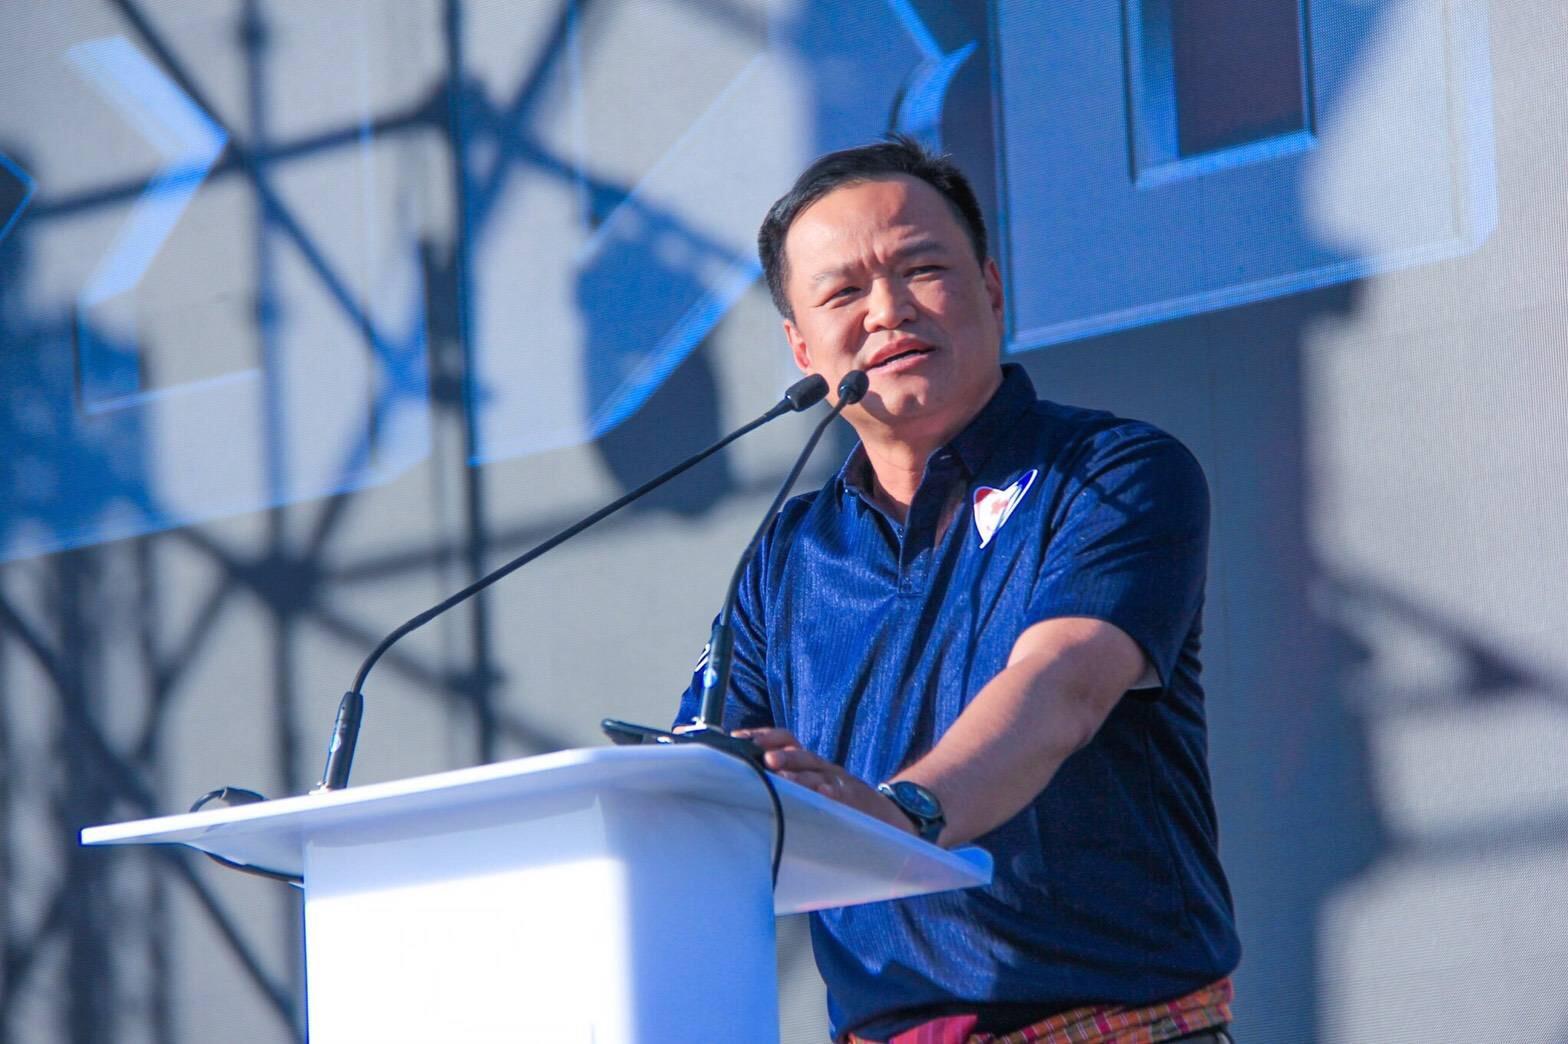 ทำงาน4วัน เรียน4วัน นโยบายพรรคการเมือง พรรคภูมิใจไทย เลือกตั้ง62